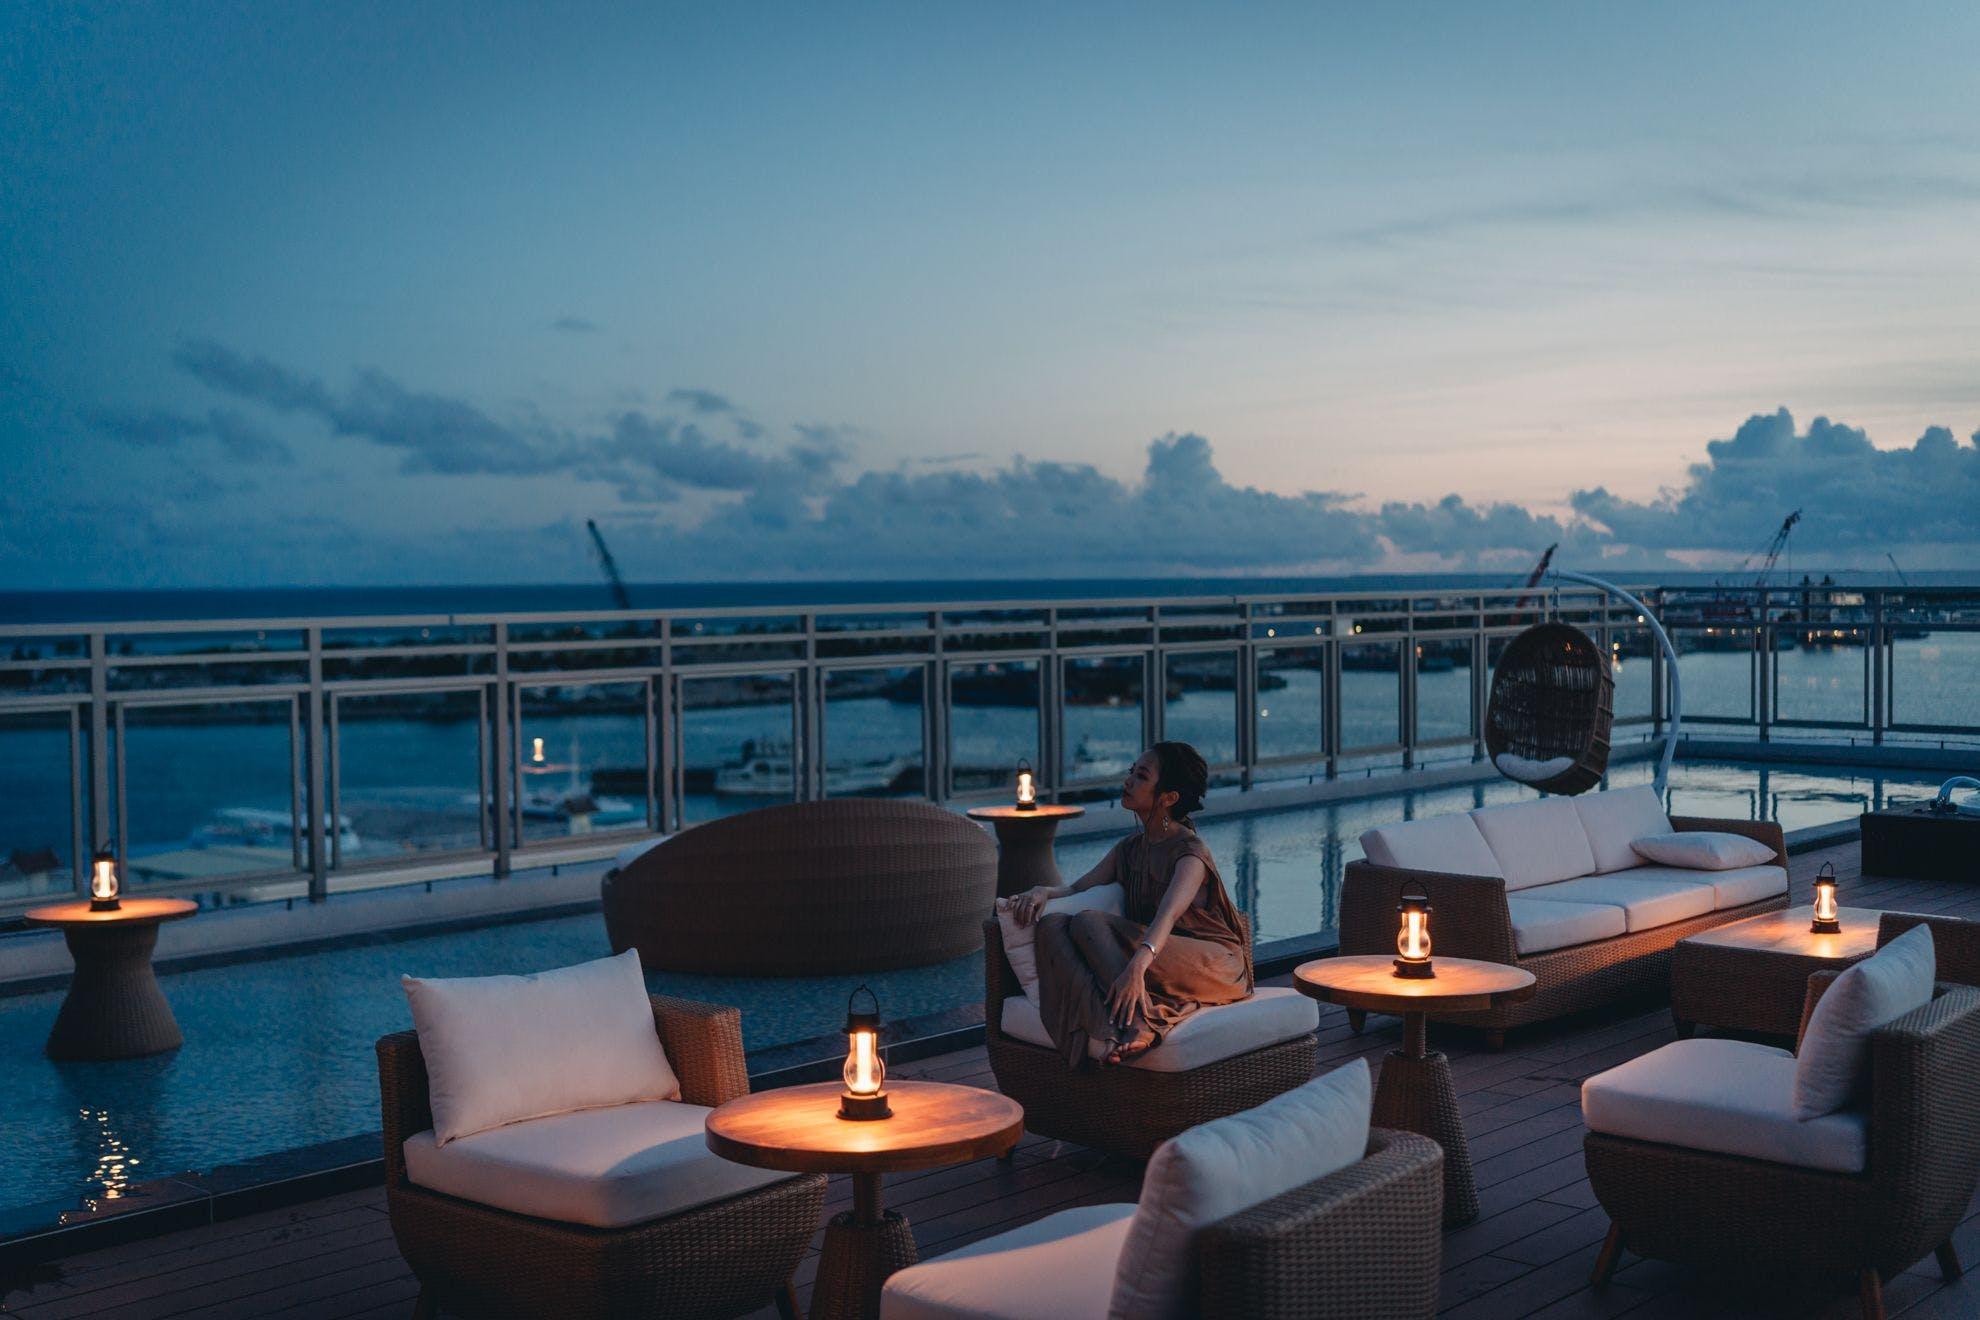 THIRD石垣島 / 【オールインクルーシブ】レストラン&バーを好きなだけ堪能できるリゾートステイ